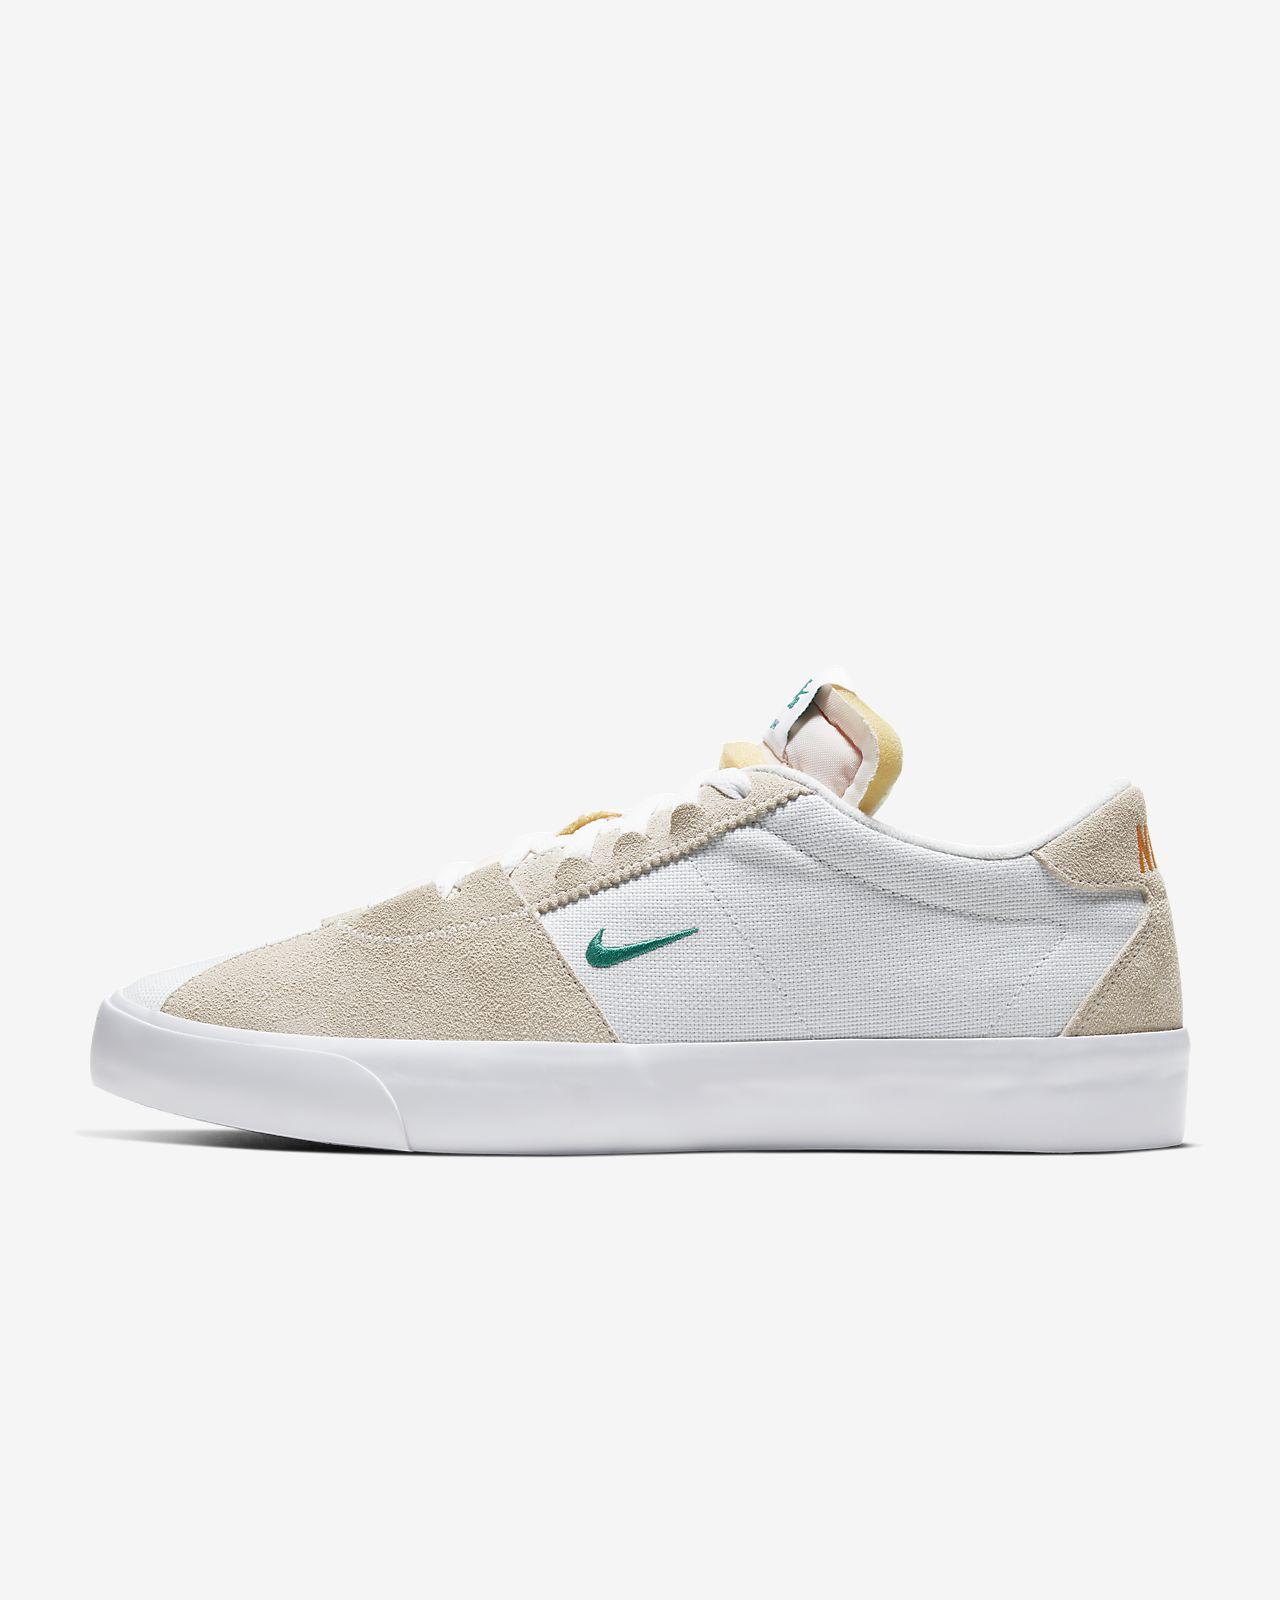 Skateboardsko Nike SB Air Zoom Bruin Edge